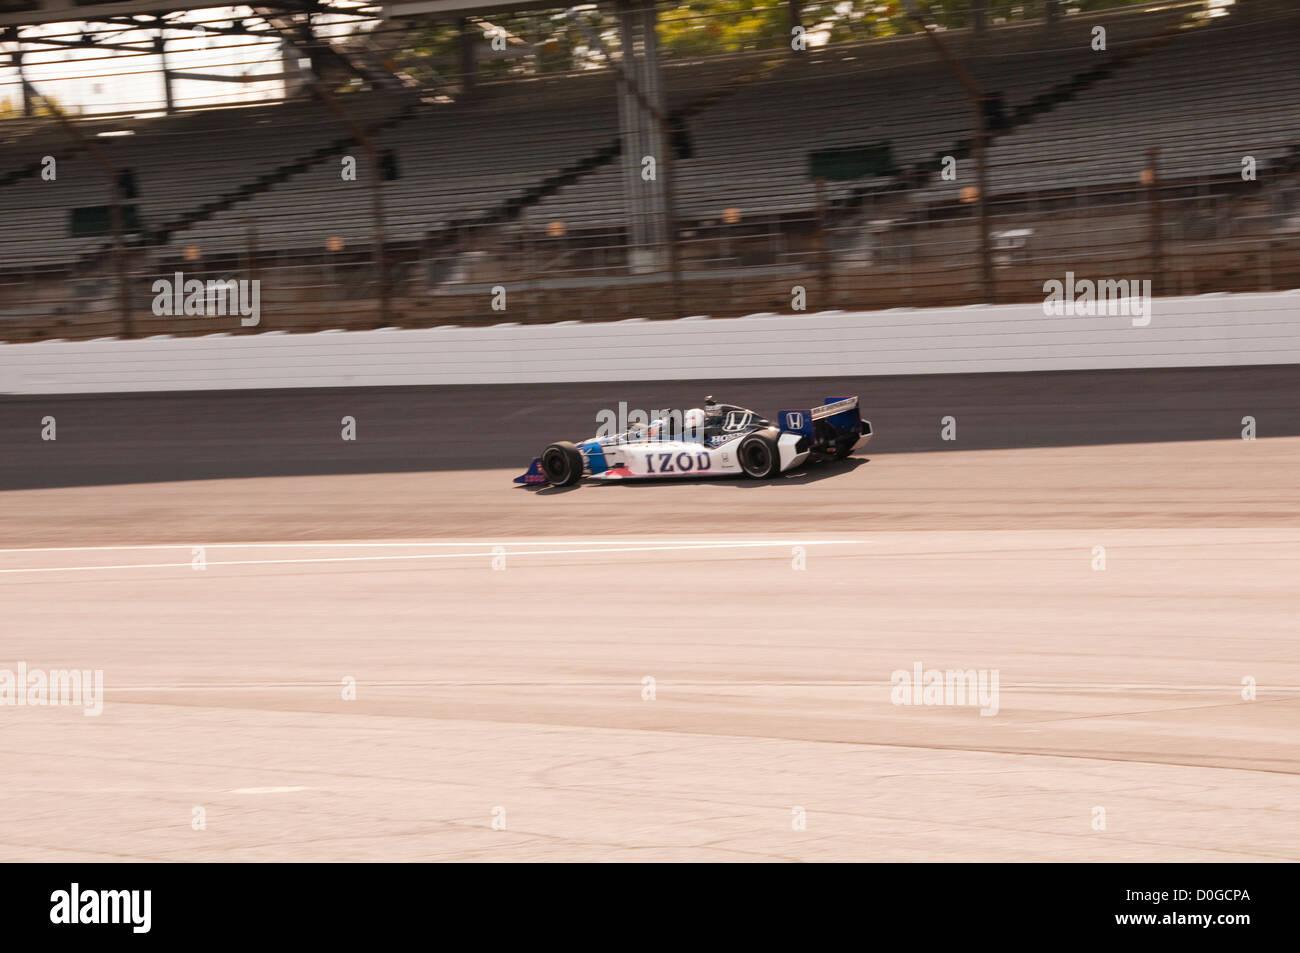 Estados Unidos, Indiana, Indianapolis Motor Speedway, el asiento de atrás de equitación turística Imagen De Stock